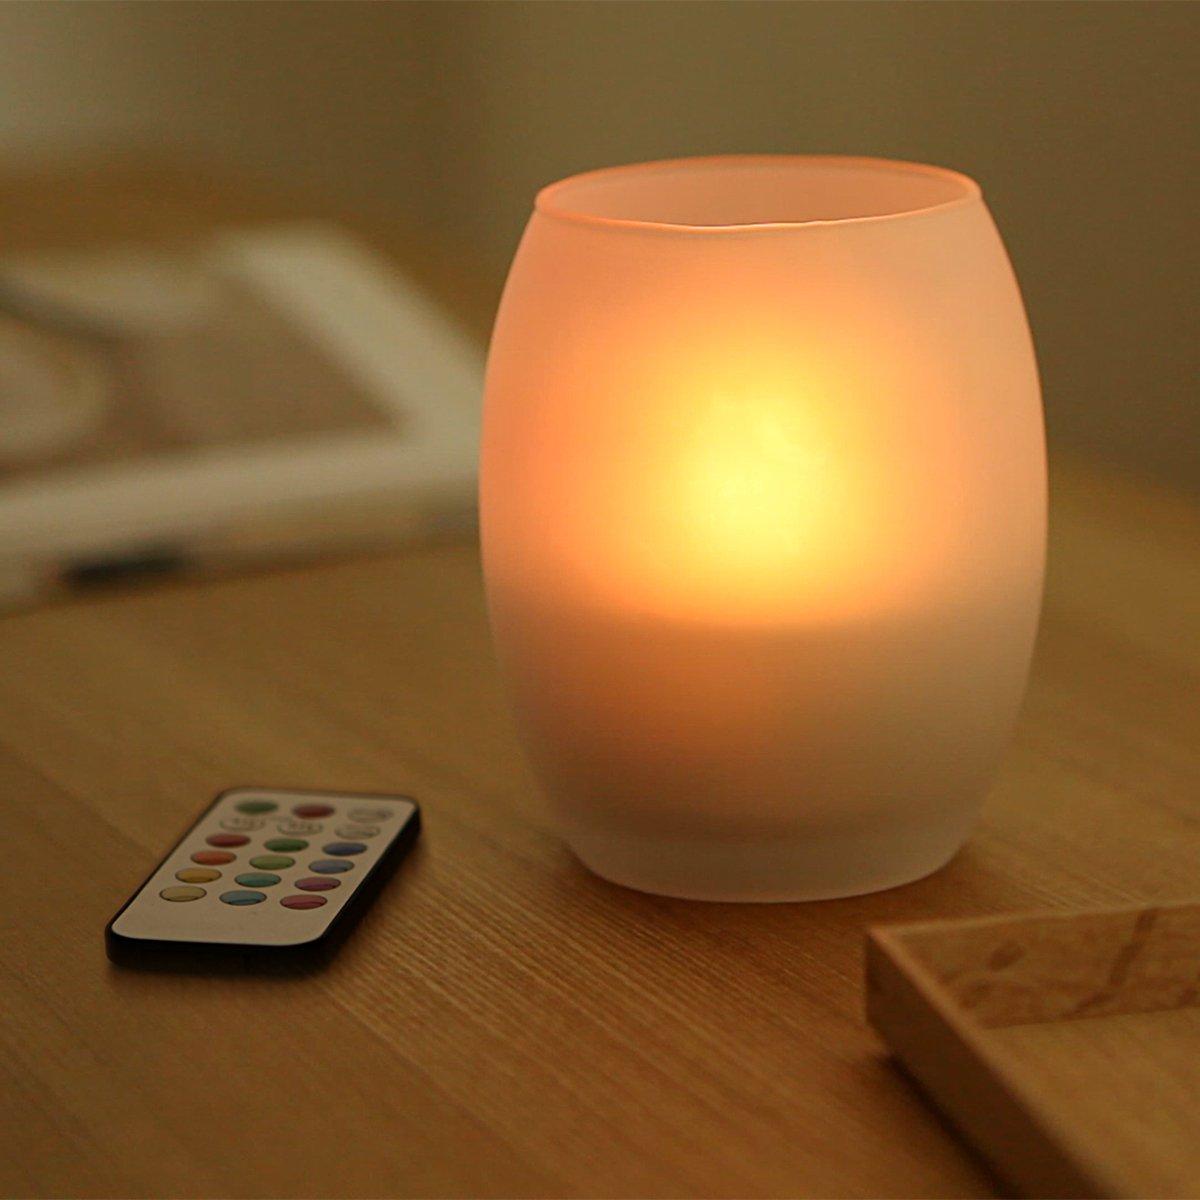 【WY】リモコン付き 12色LEDキャンドル 12種類の色を切替て点灯できるLED使用 様々な雰囲気を作り出せるインテリアアイテム つや消しガラス製キャンドルグラス (タマゴ型) 自動消灯タイマー 照明モード